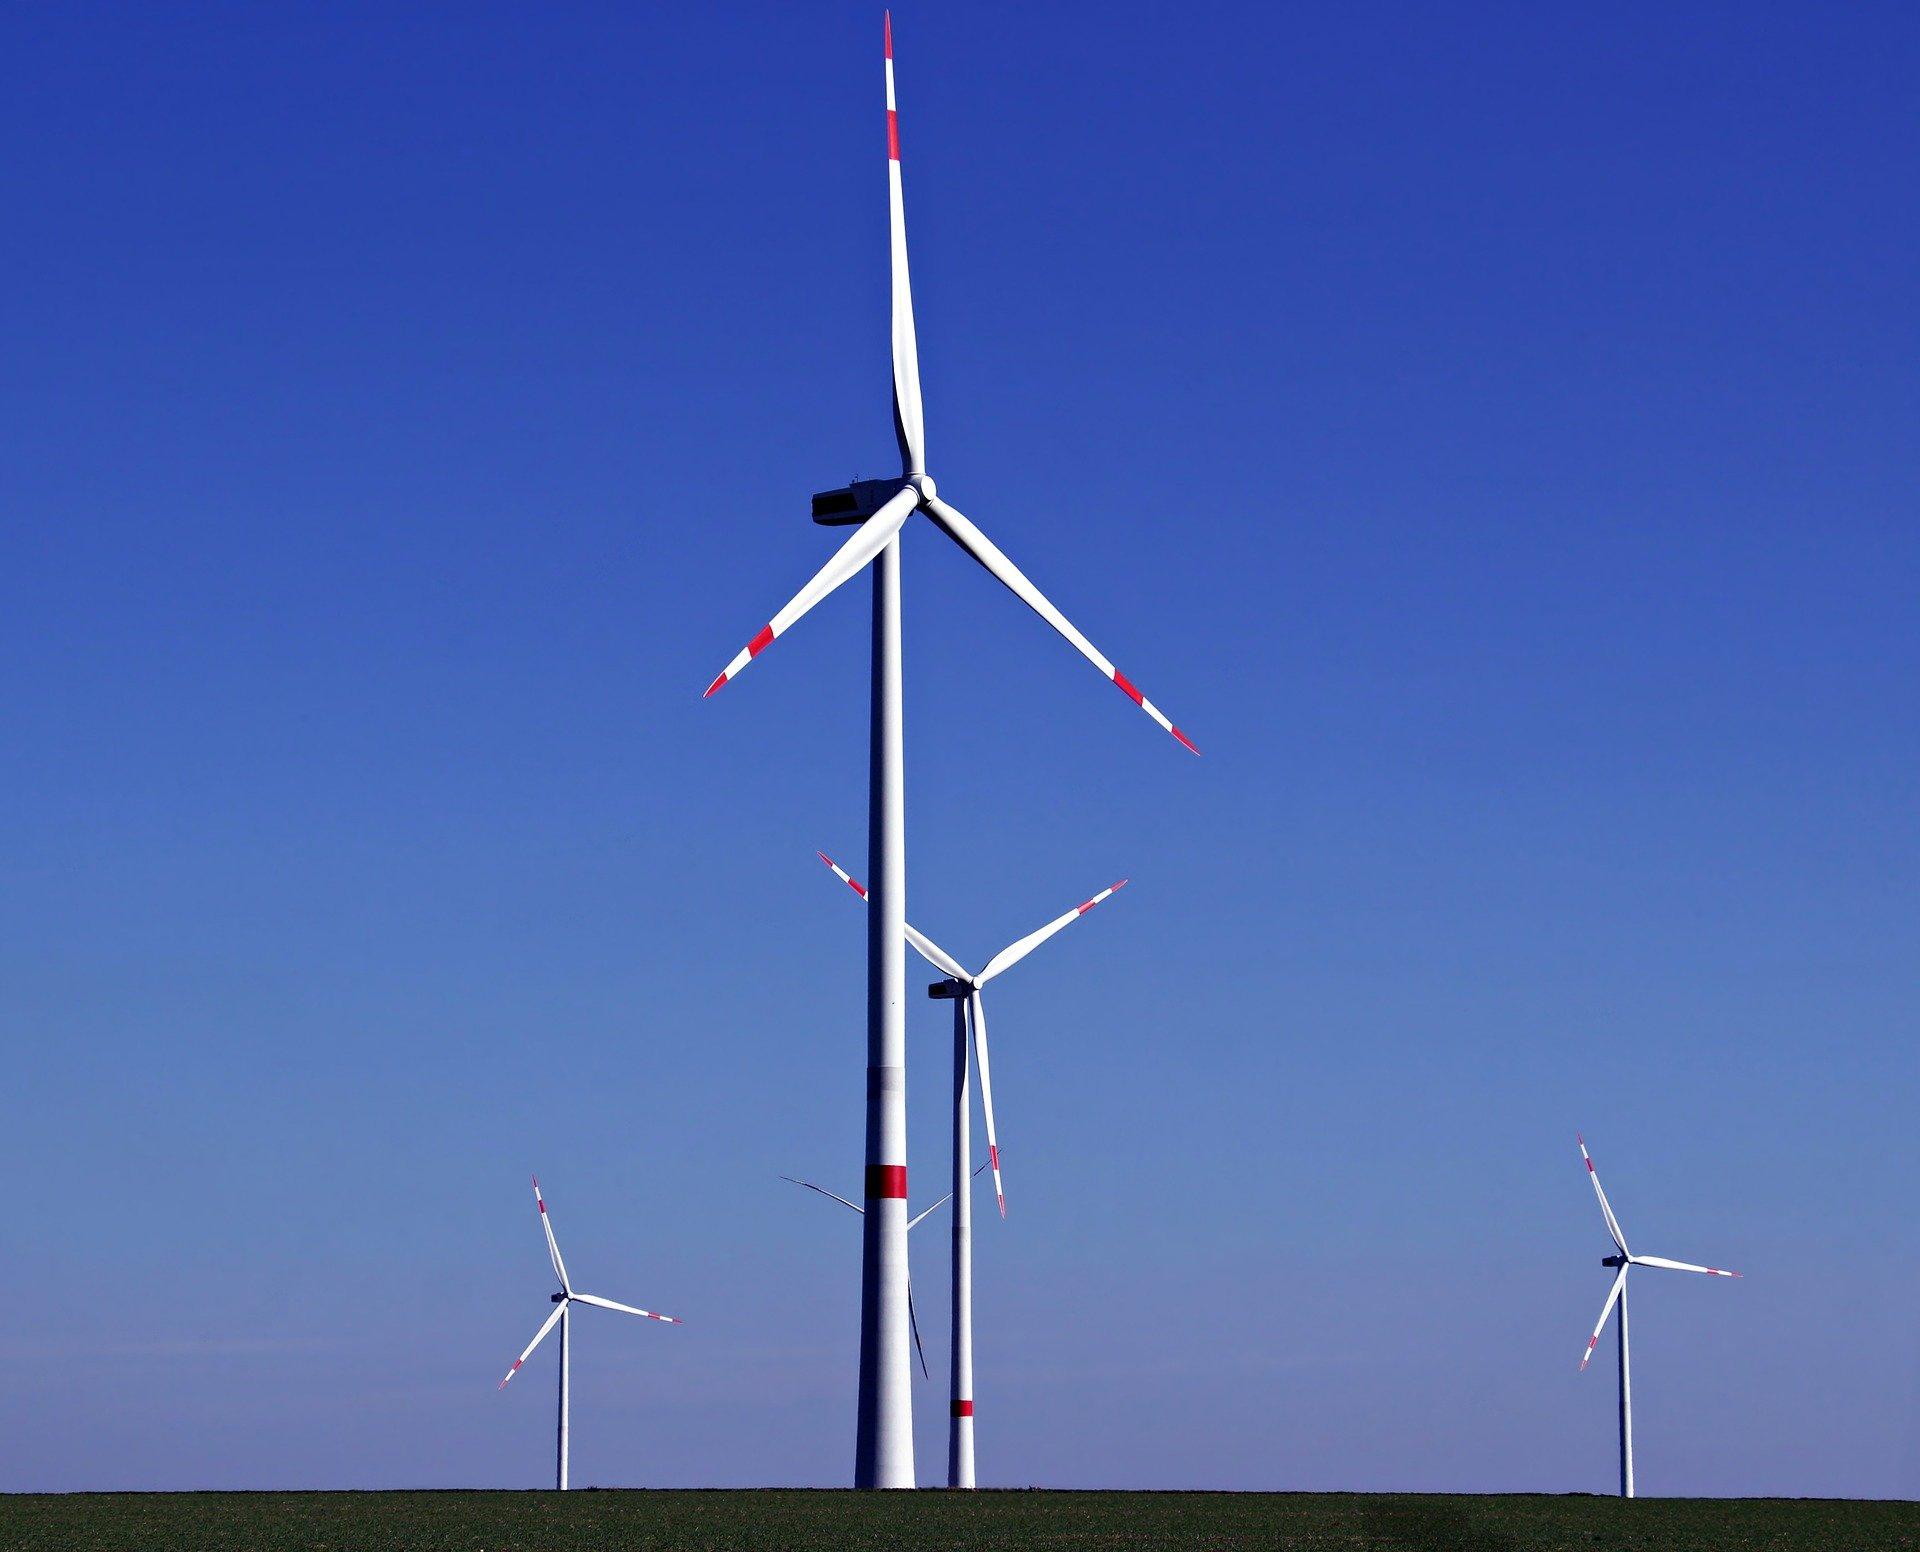 General Electric отчиталась об улучшении операций за 4-й квартал